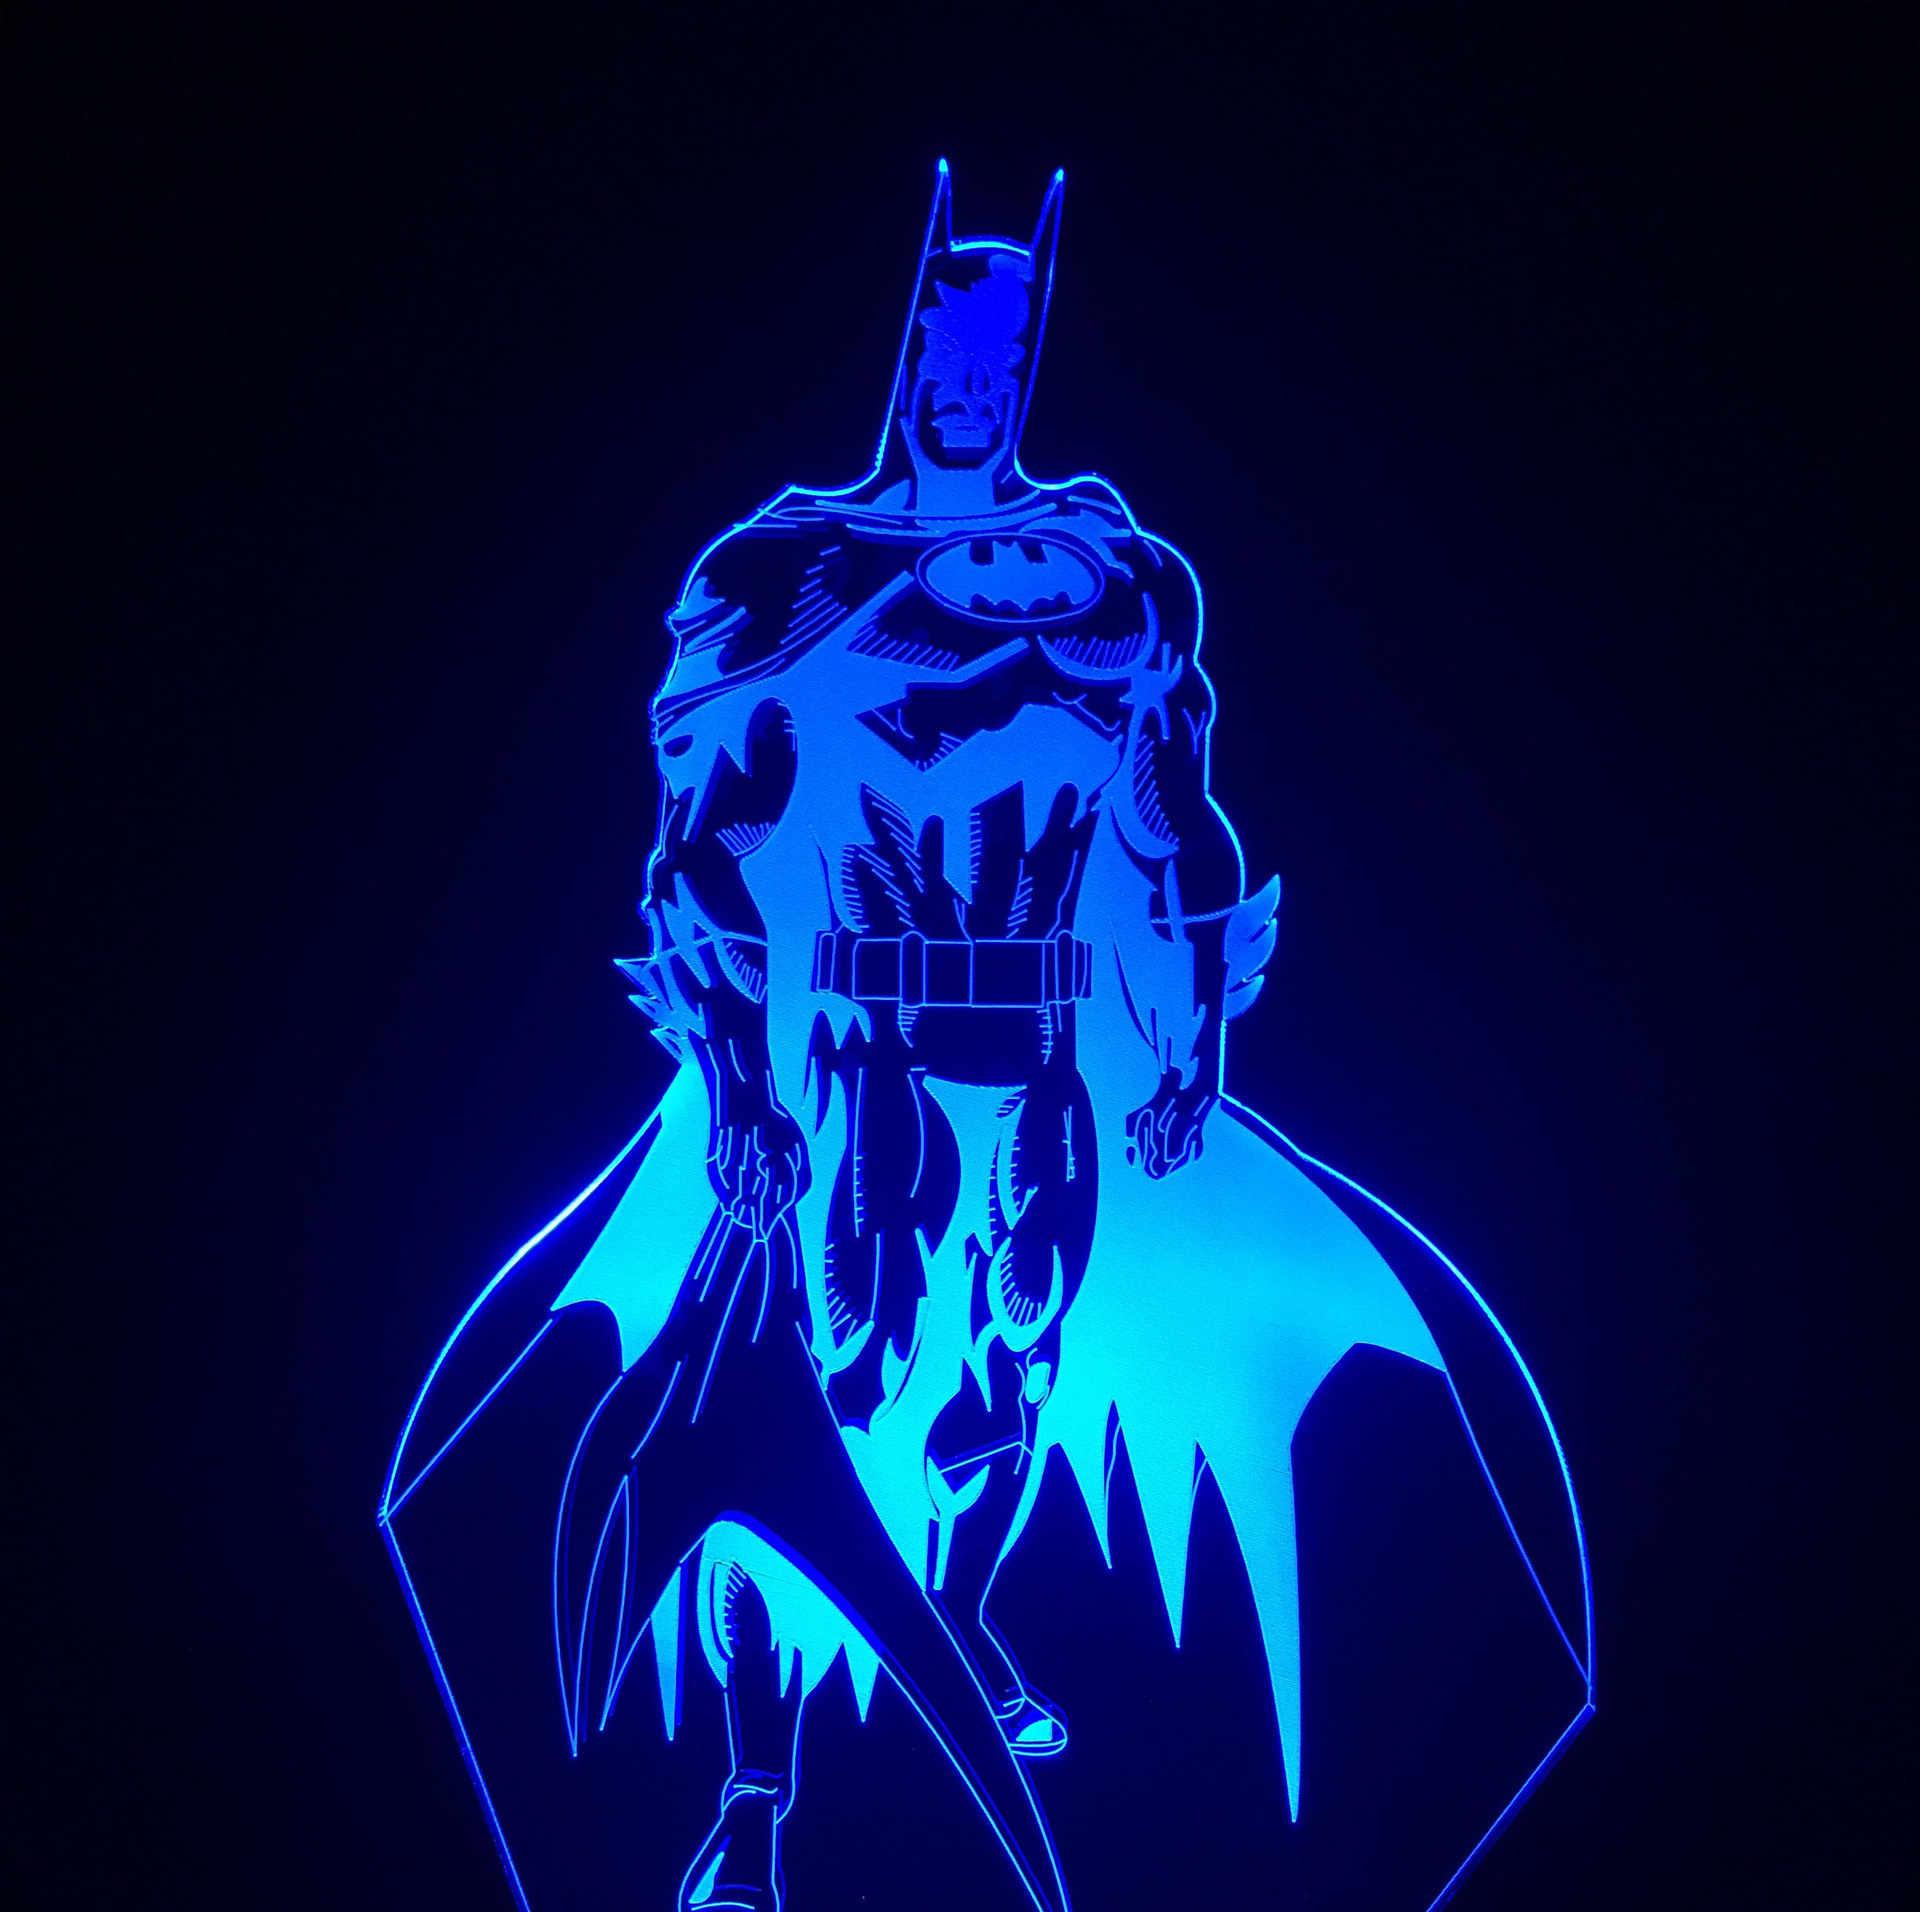 eb7019ea94 Batman 7 Color 3D Holograma Lights Luz De LED Automatic Flash 3D Nightlight  Smart Touch Home